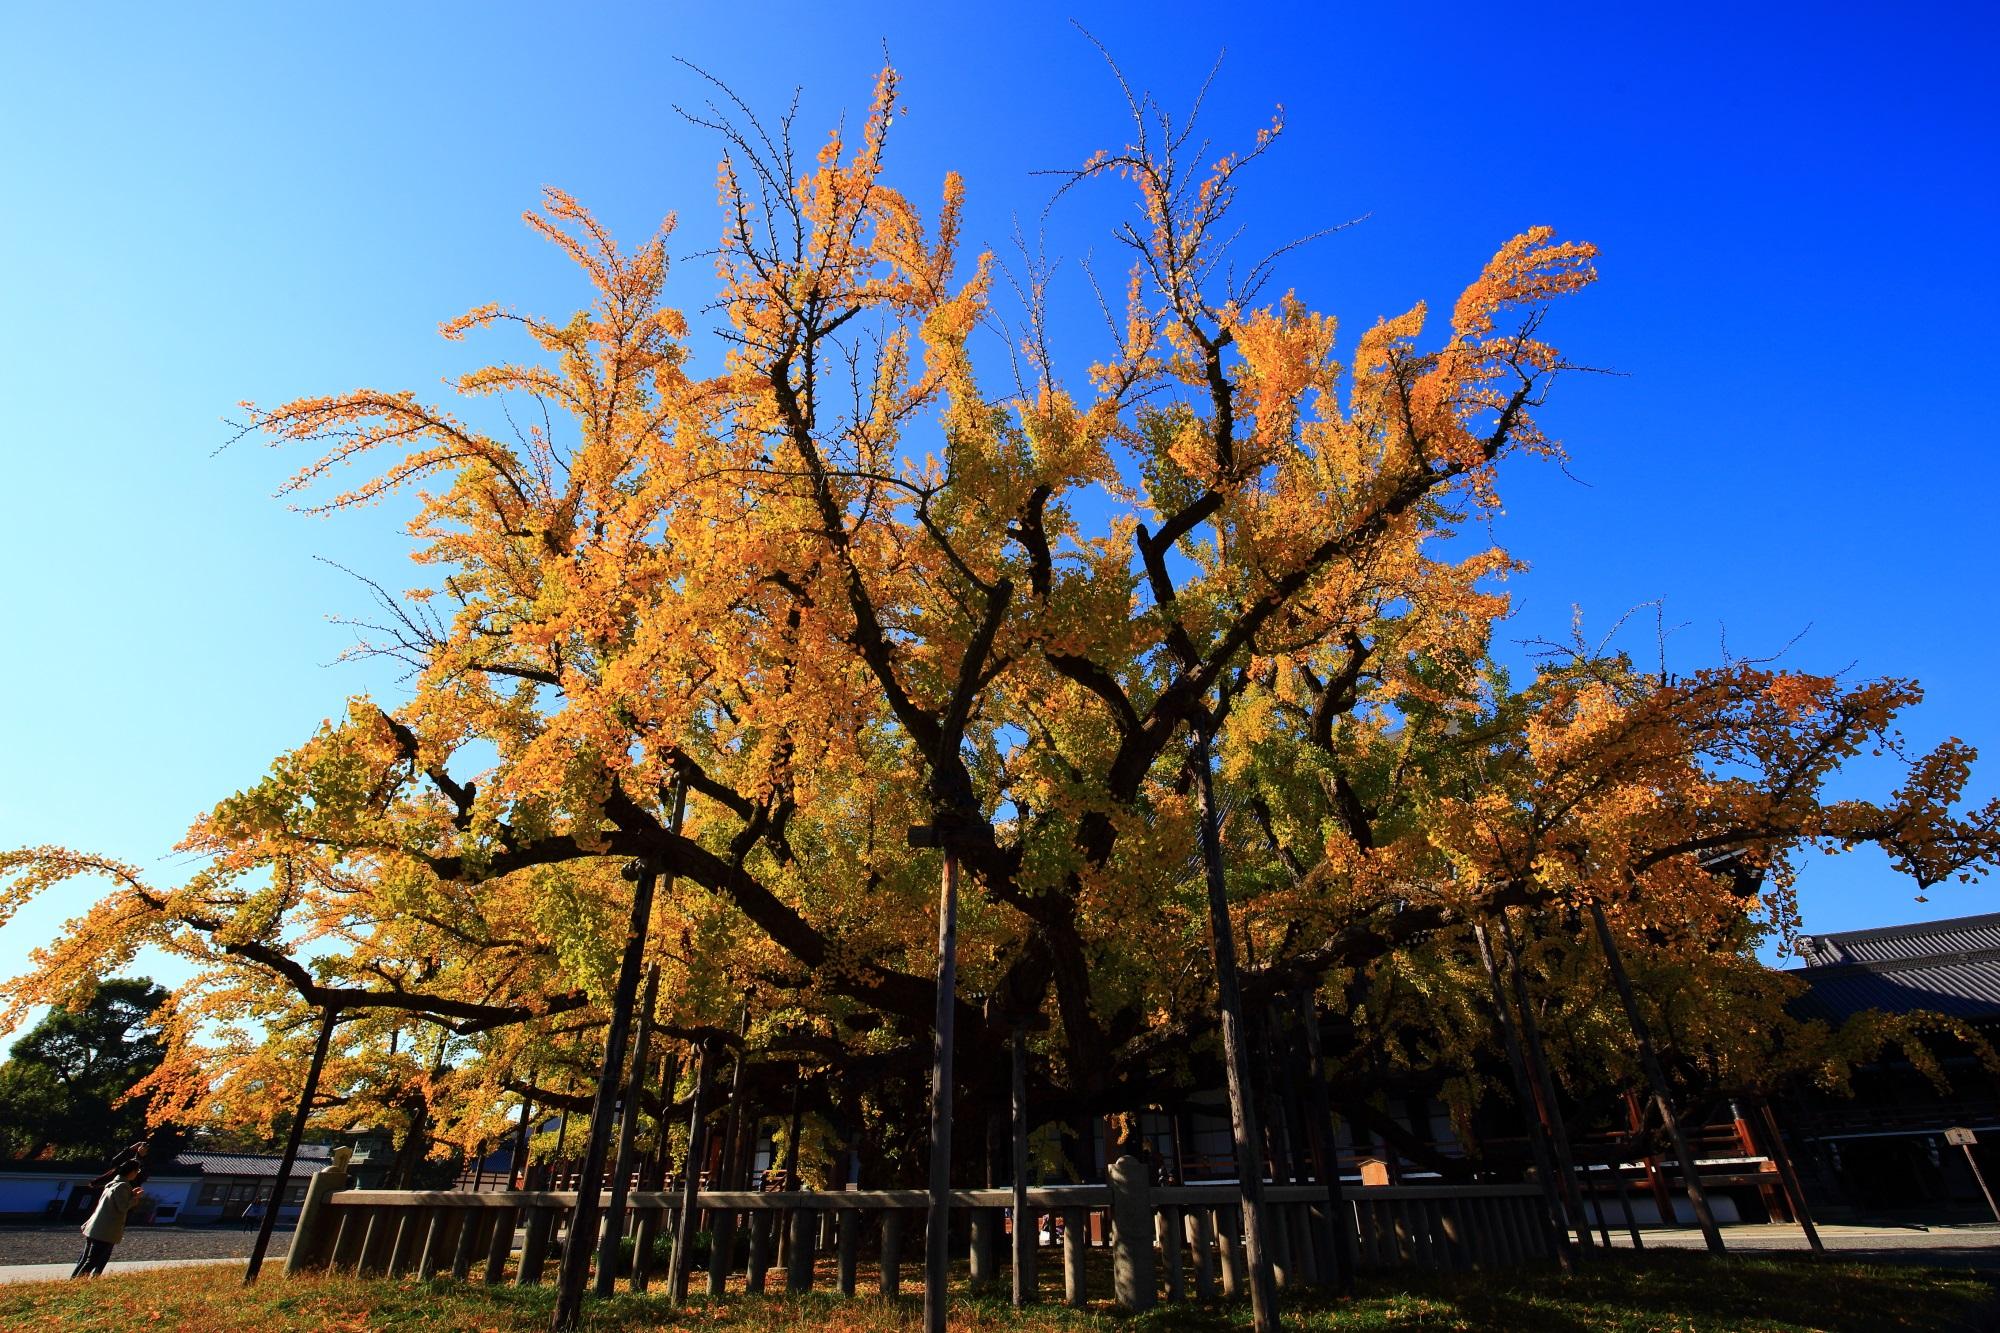 銀杏の名所の西本願寺の御影堂前の黄金の大イチョウ(逆さ銀杏)